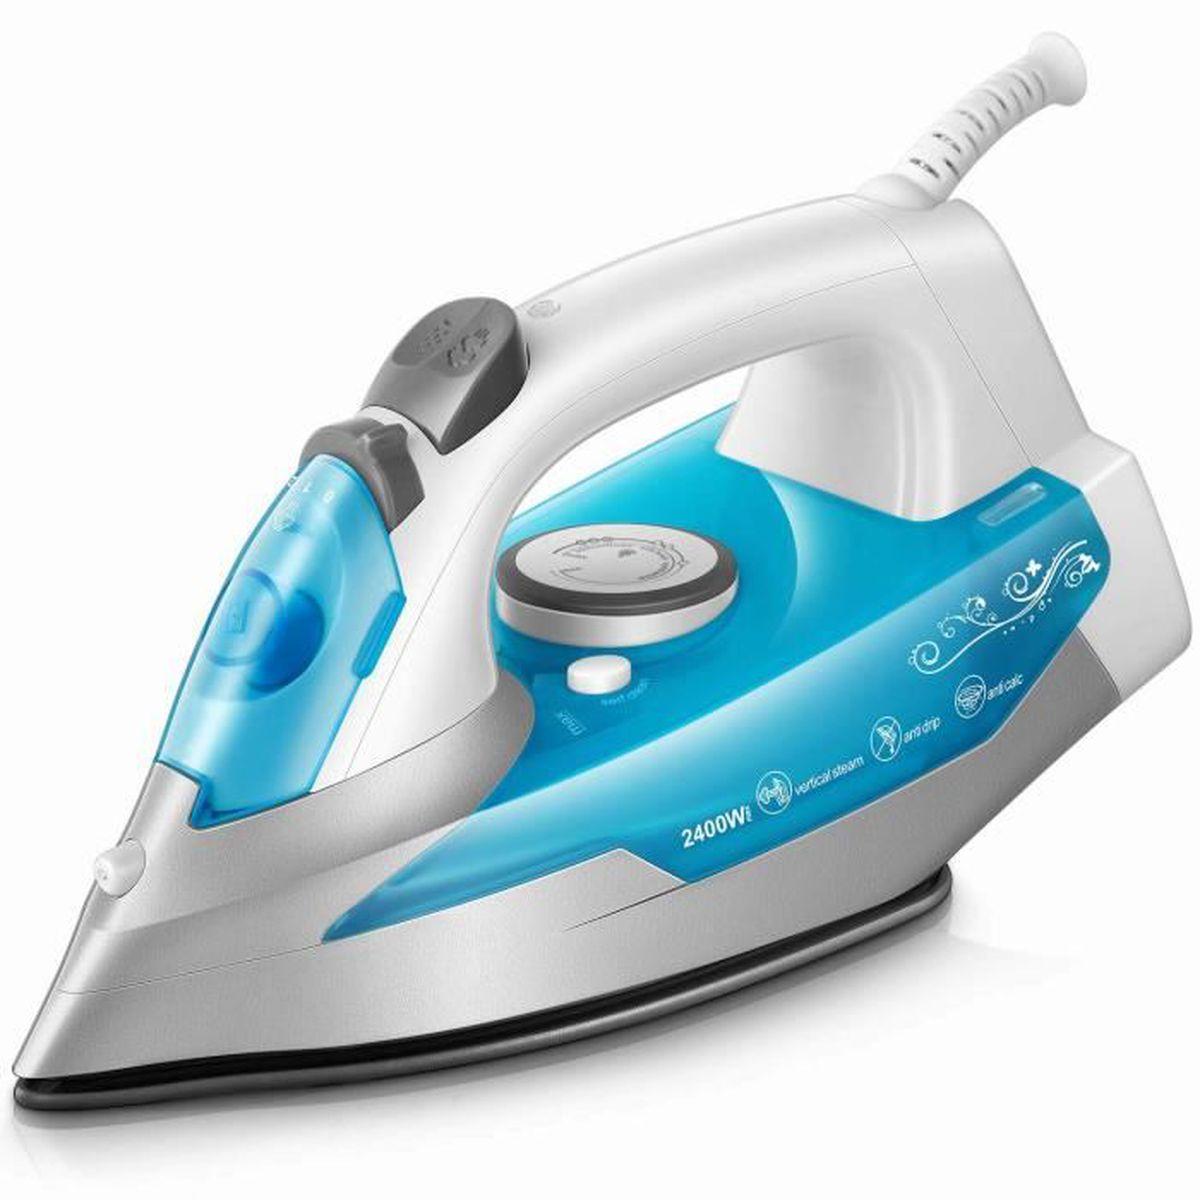 Nettoyer Semelle De Fer fer à repasser 2400w - ktc fer à vapeur - 300 ml - bleu